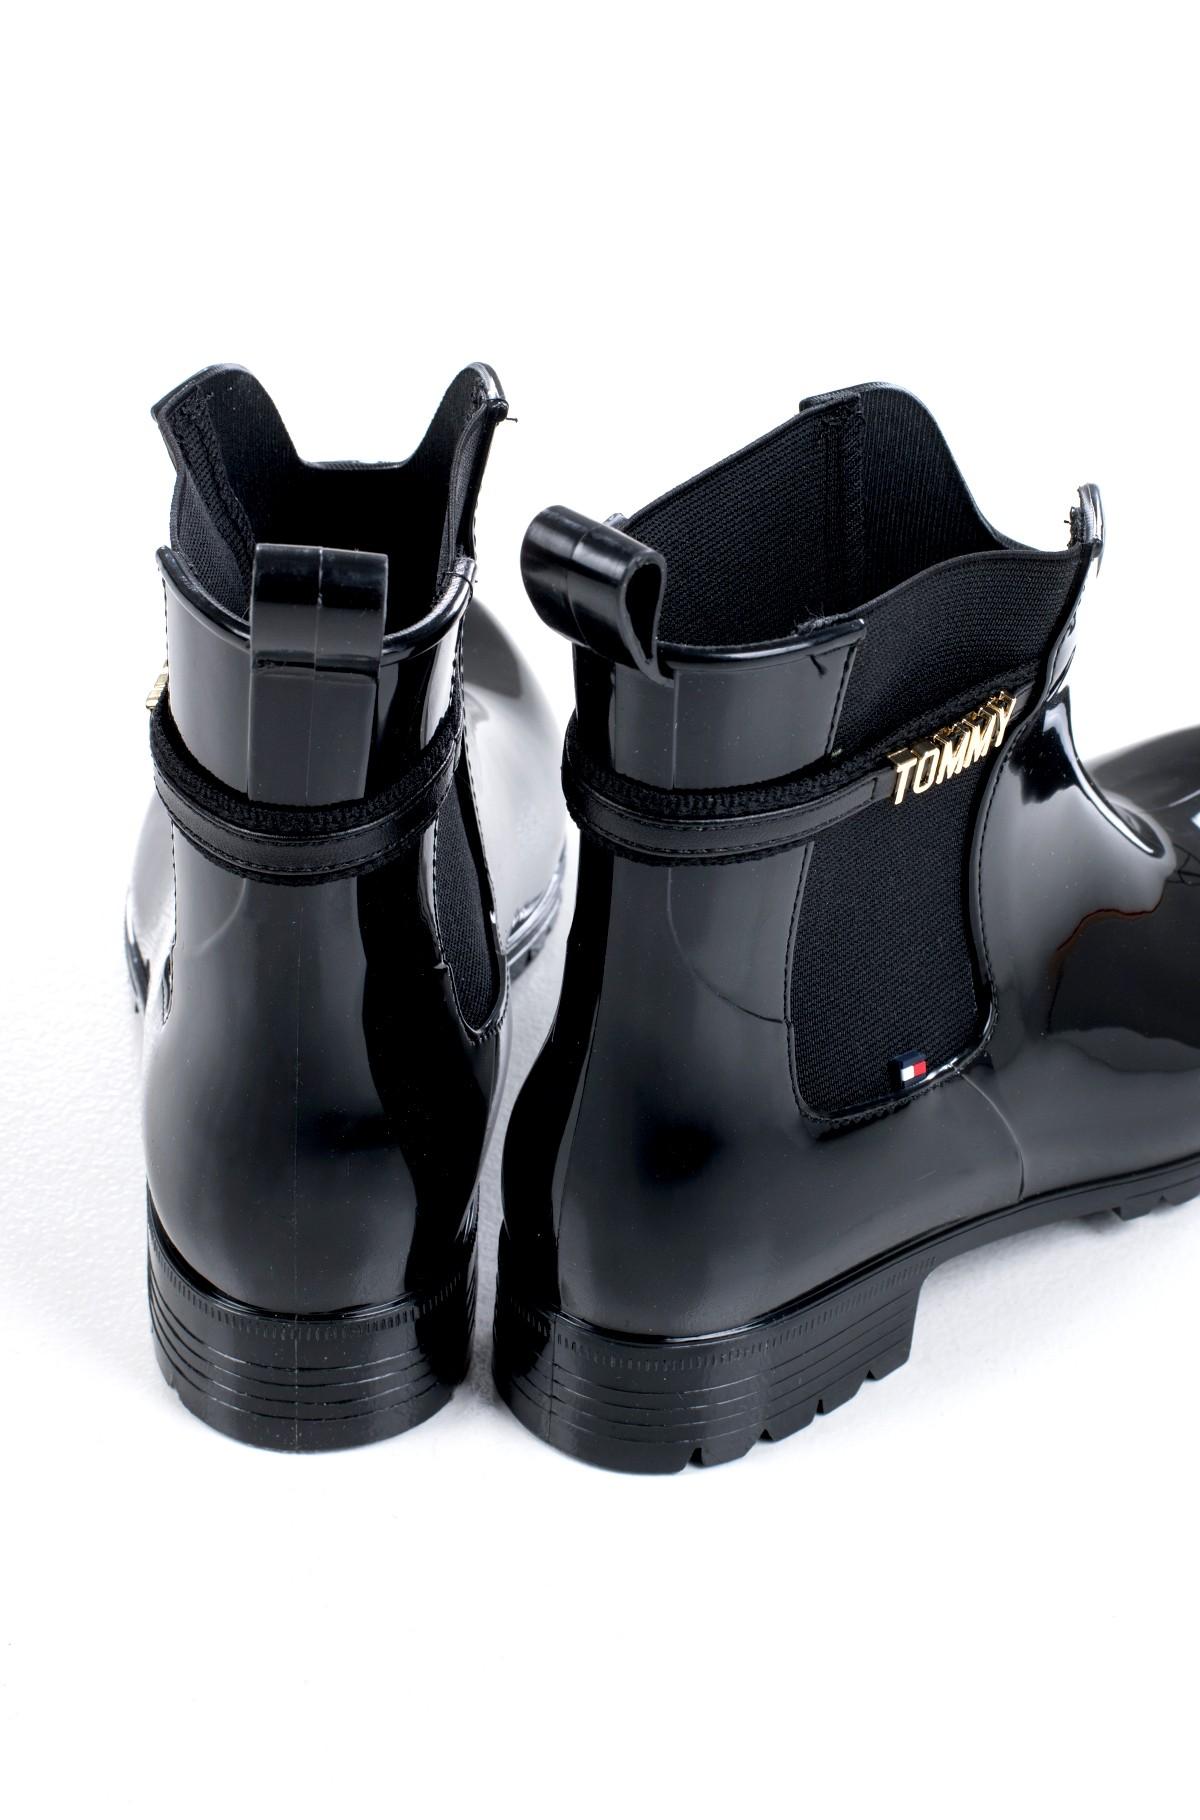 Guminiai batai BLOCK BRANDING RAINBOOT-full-3